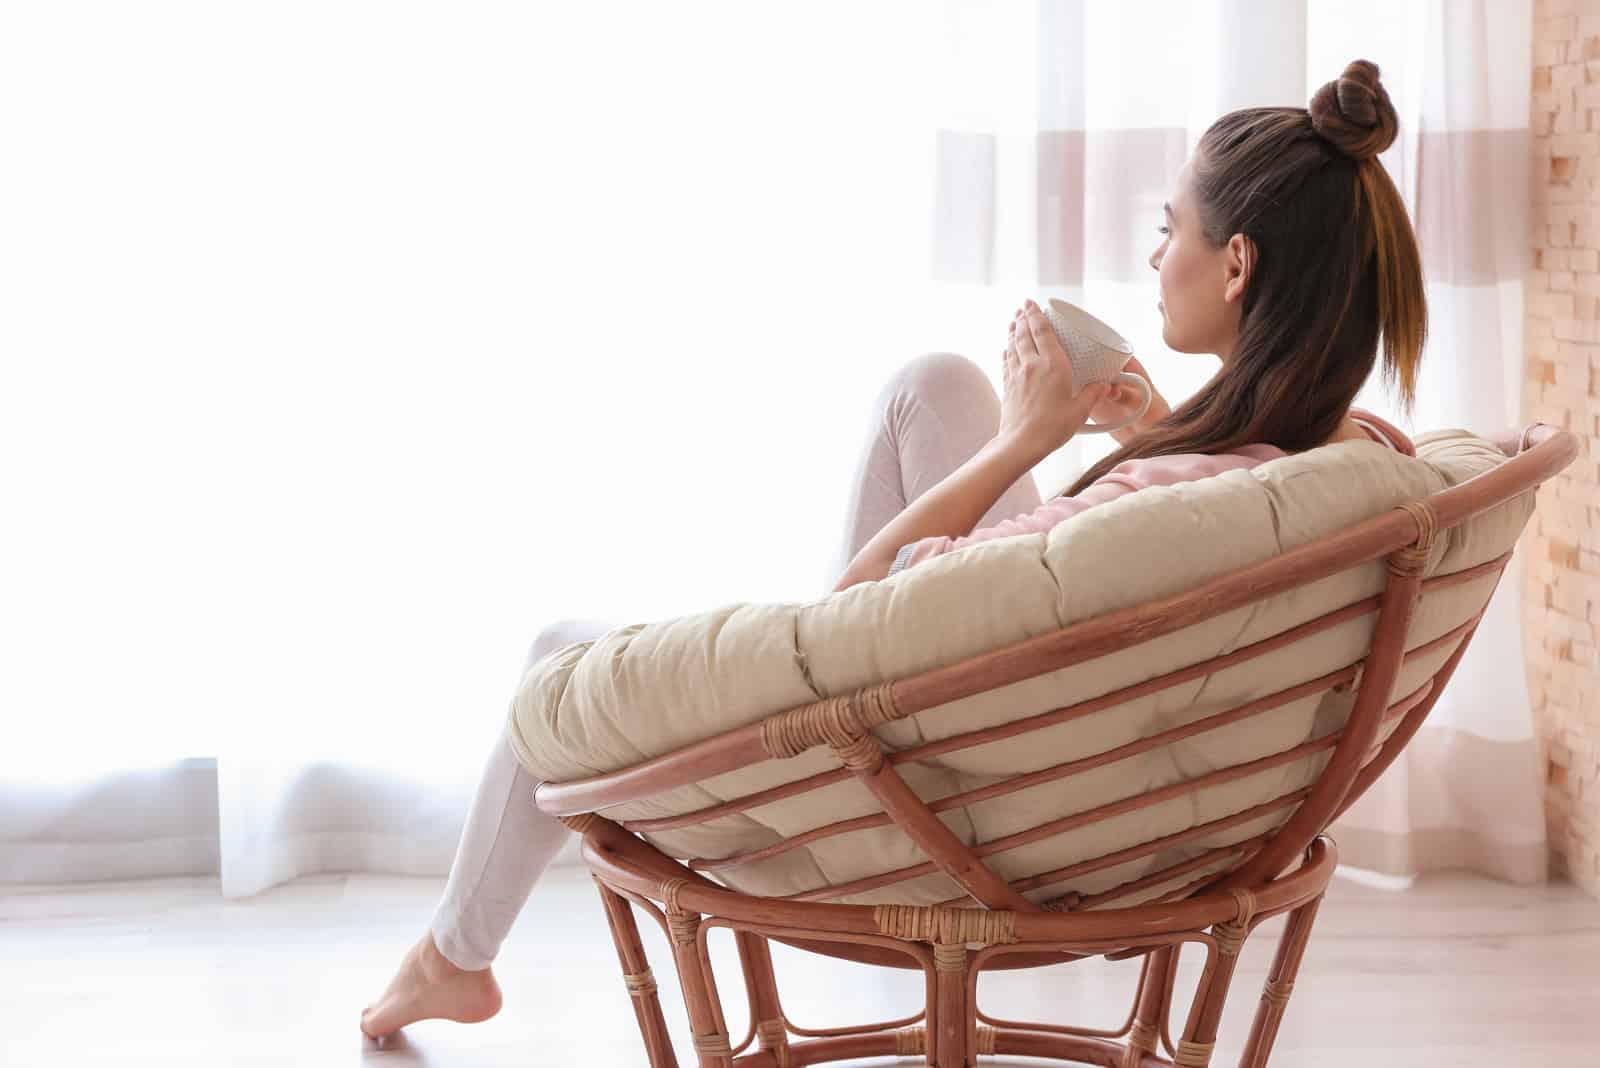 une femme assise dans un fauteuil, boire du café